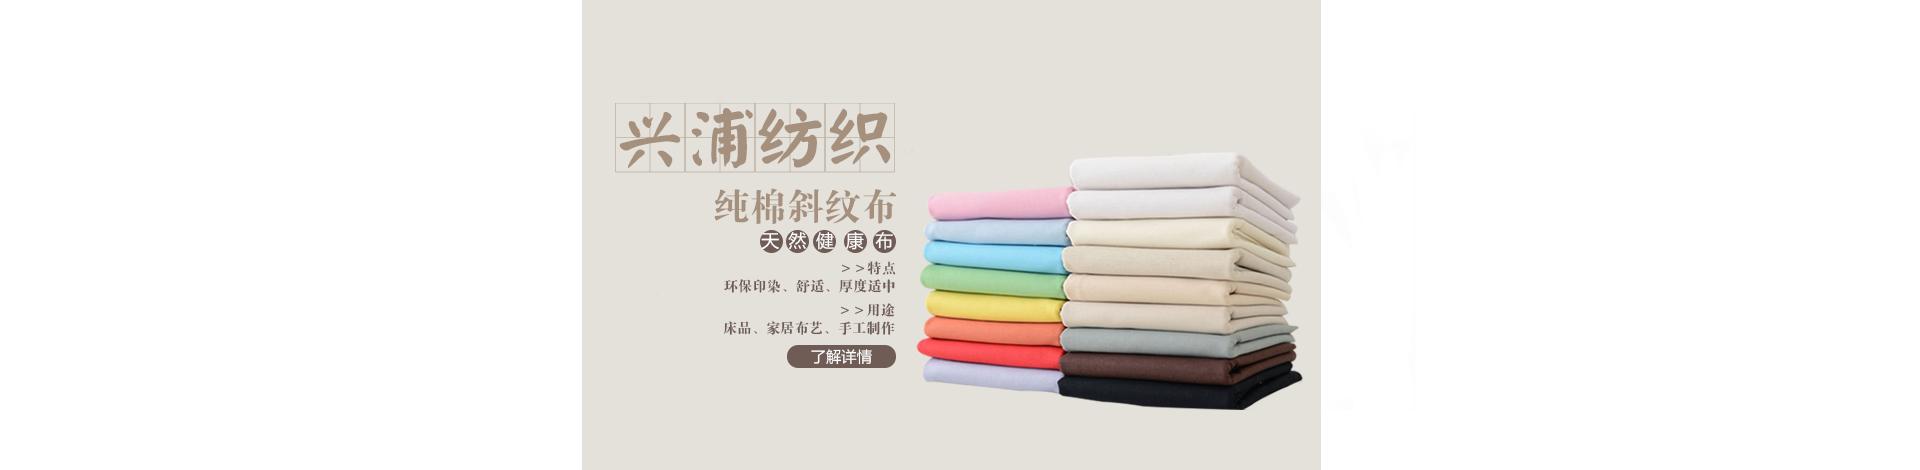 长兴兴浦纺织有限公司